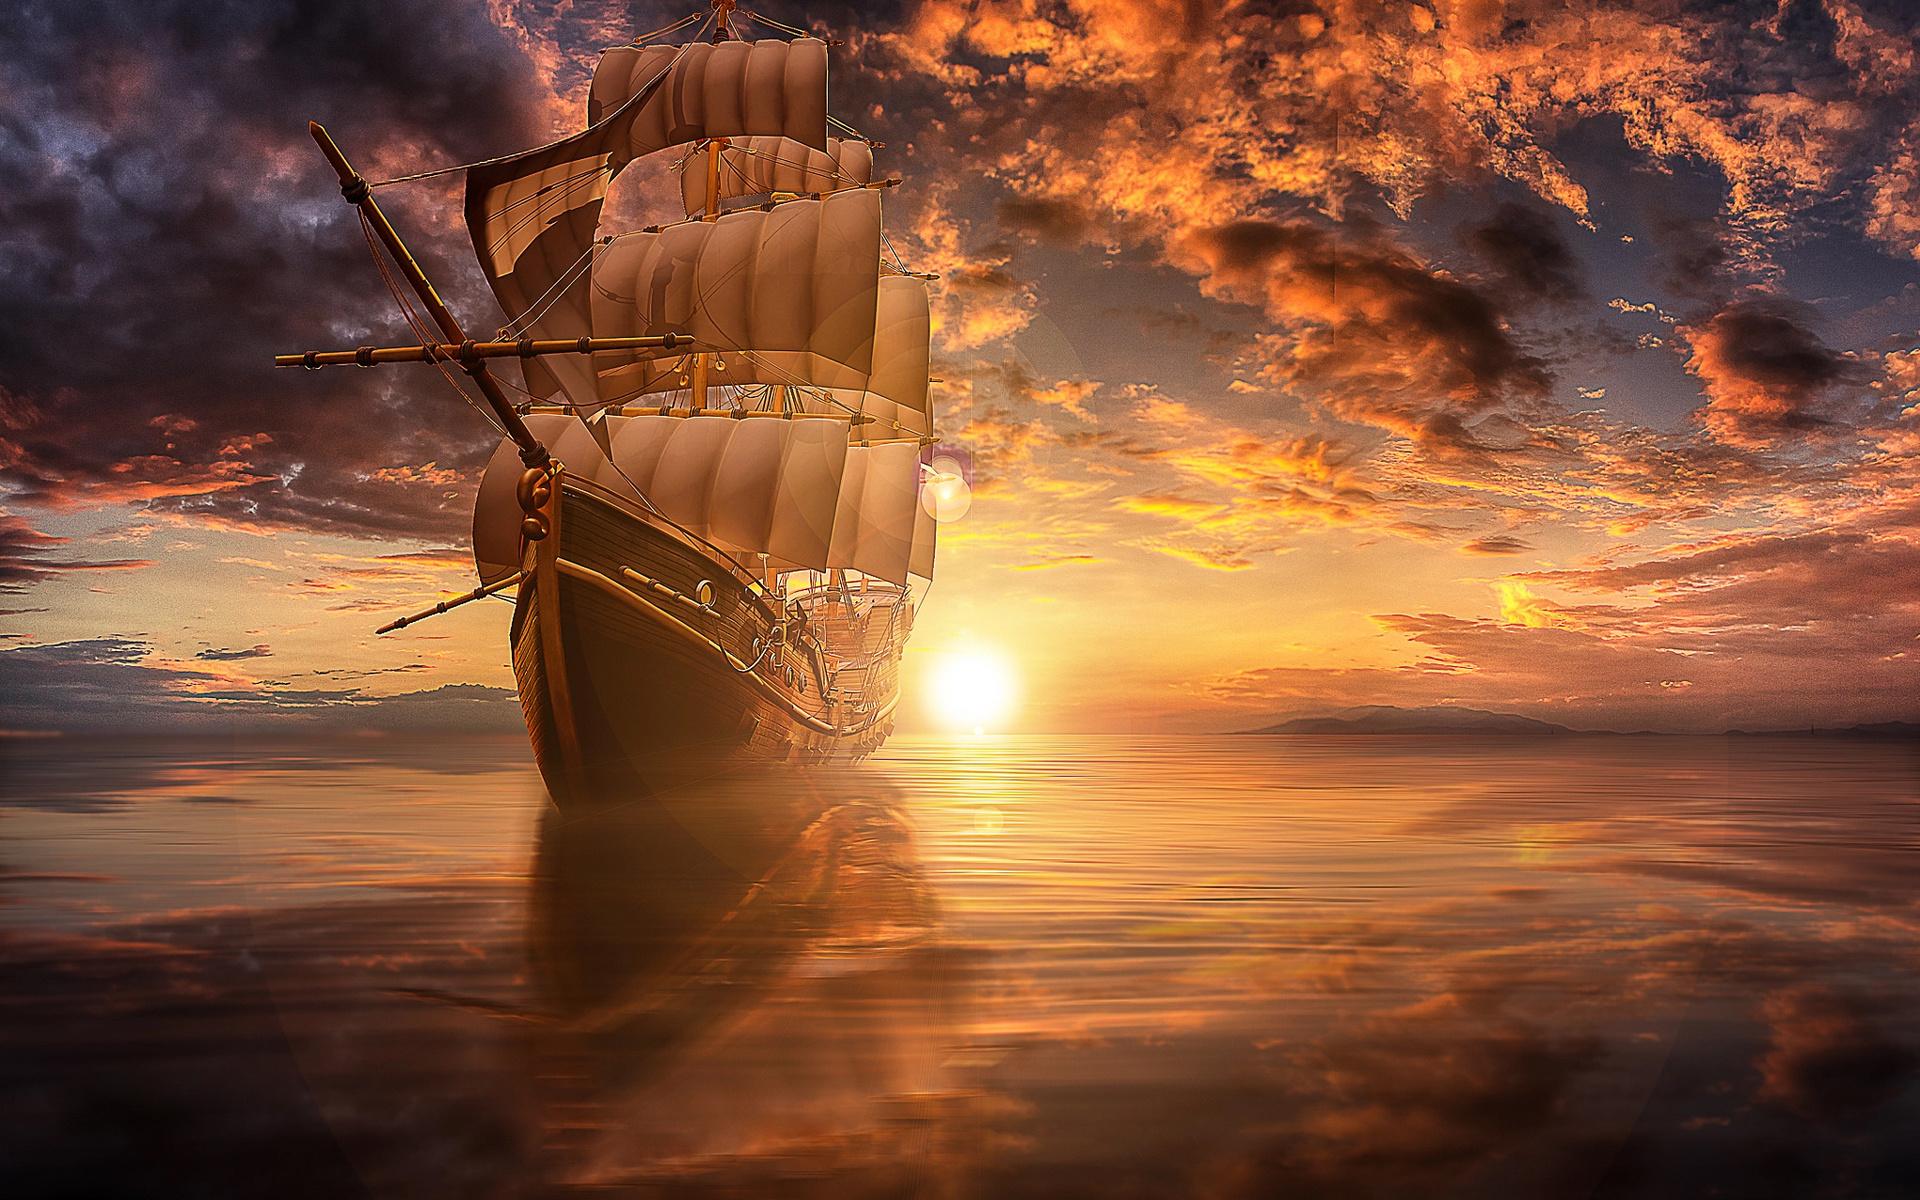 картинки корабля солнце это значит, что